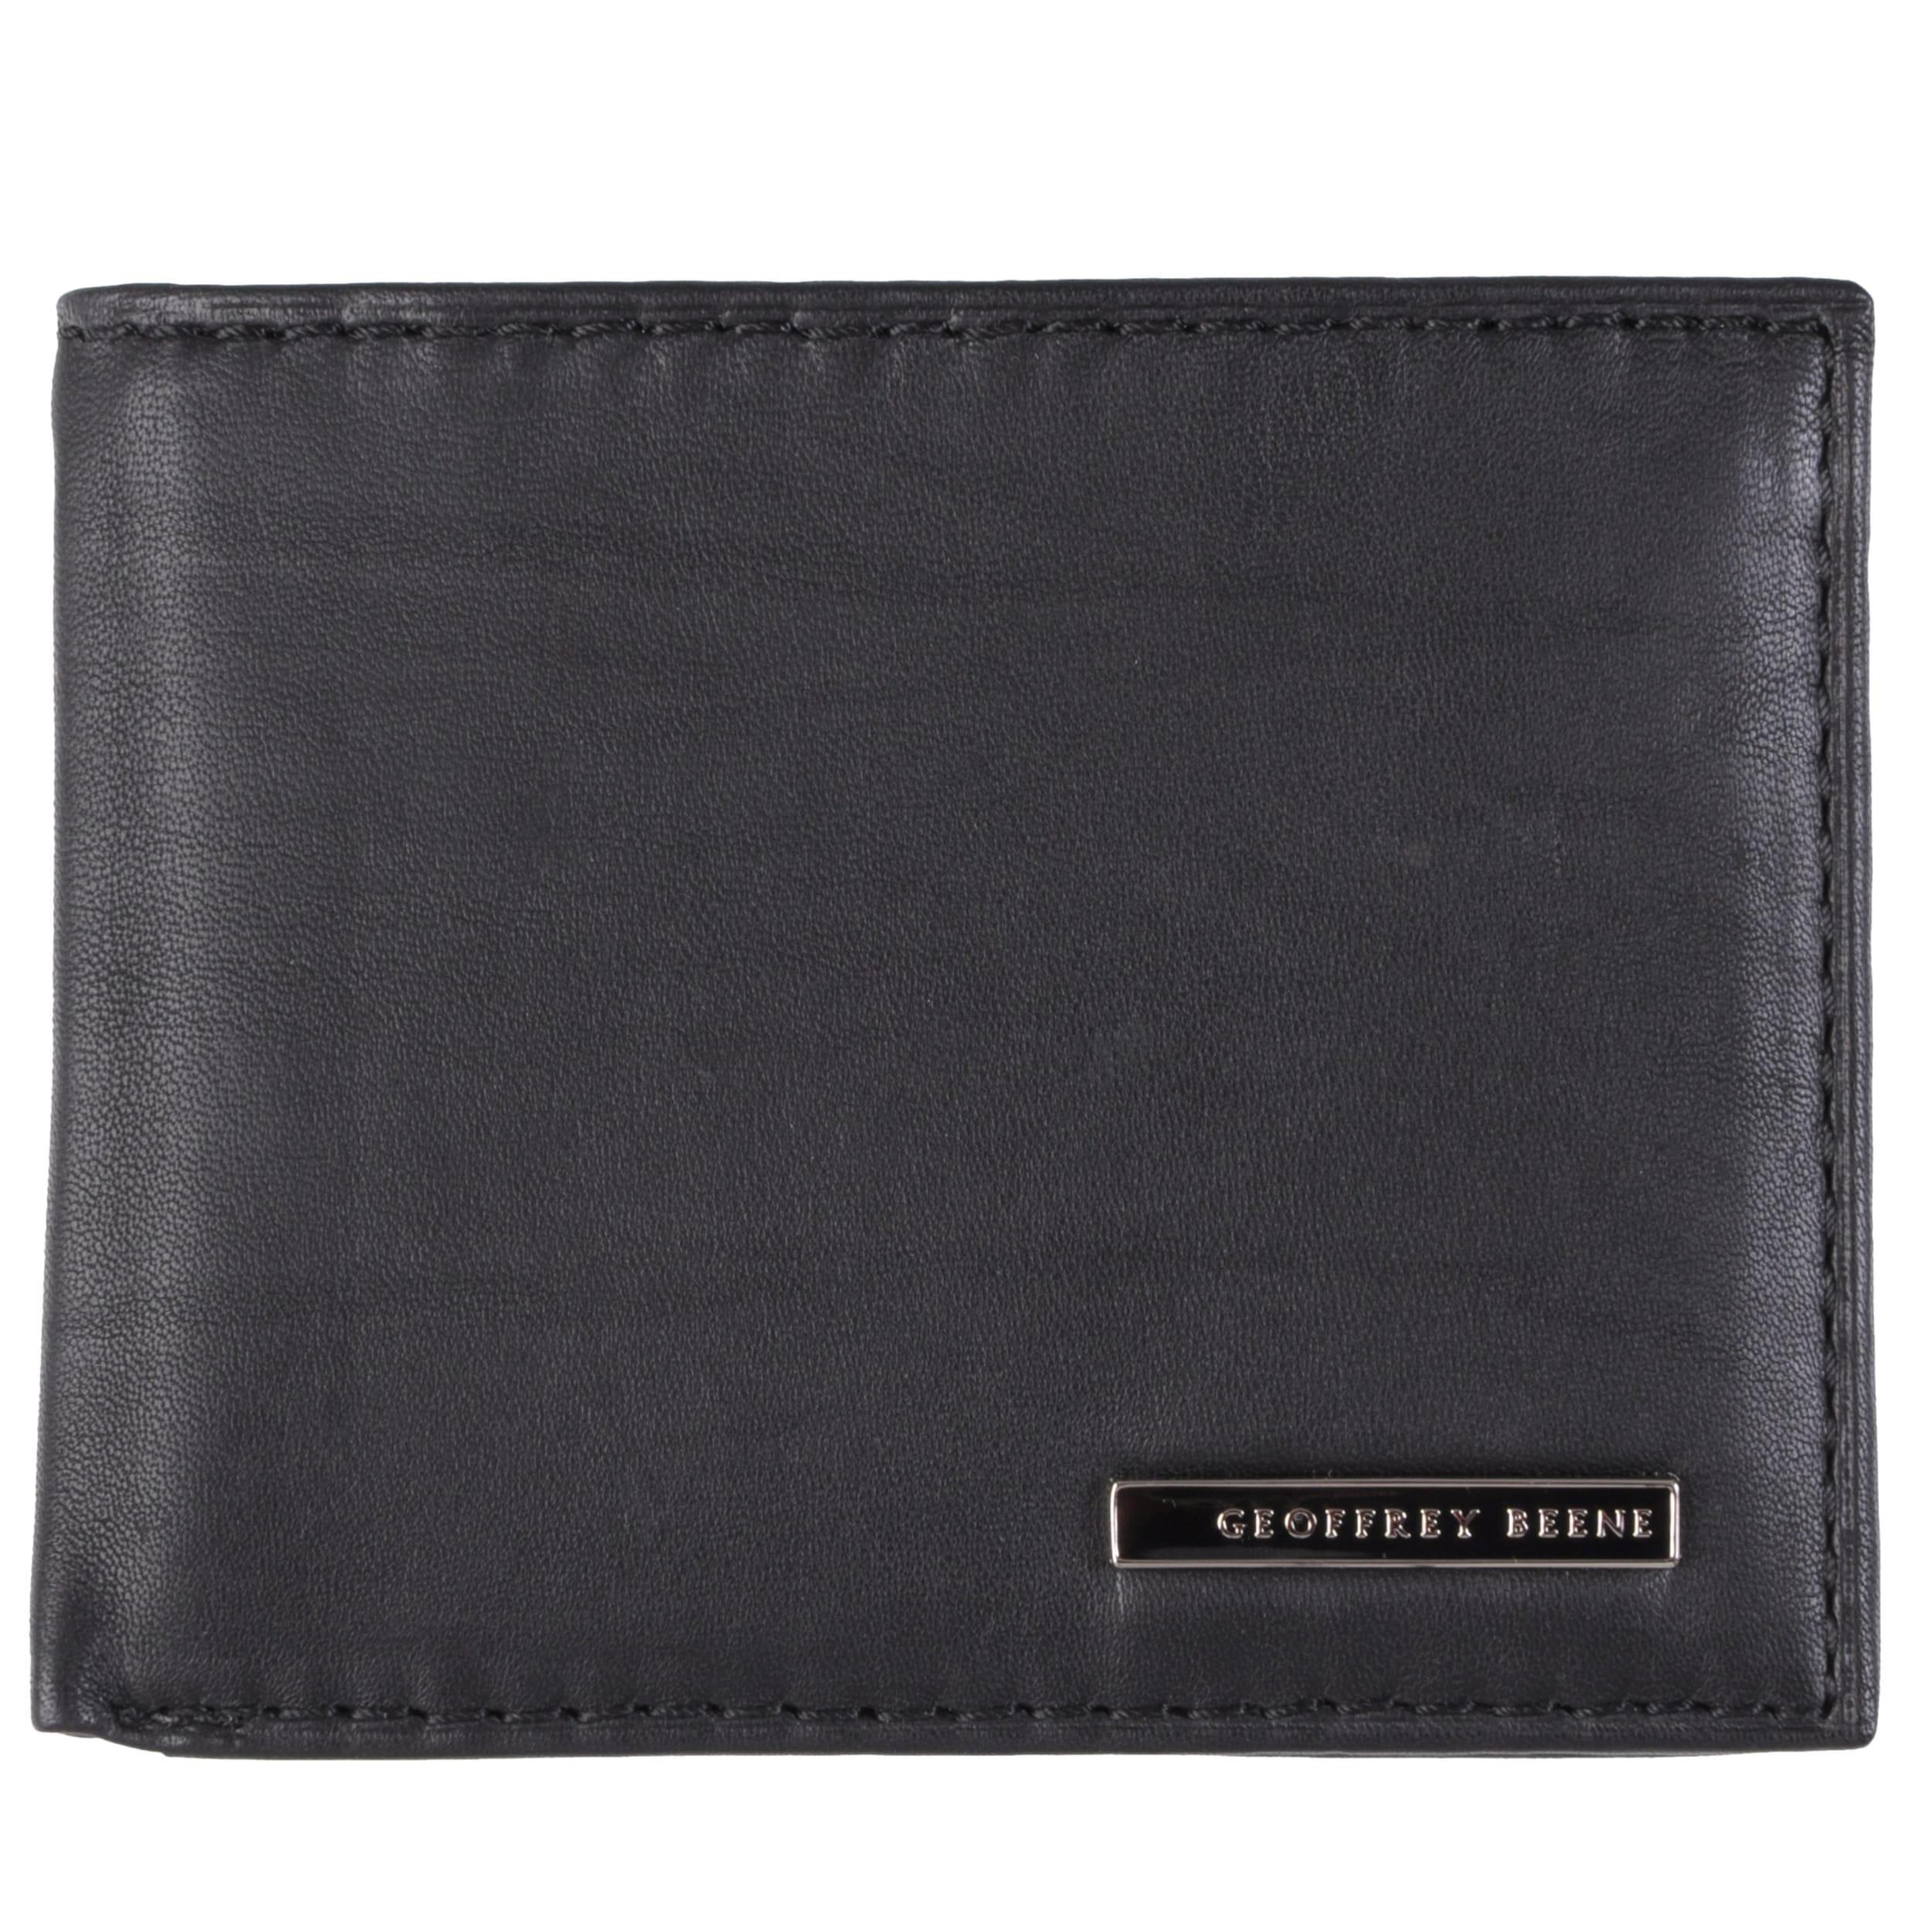 Geoffrey Beene Men's Textured Genuine Leather Bifold Passcase Wallet